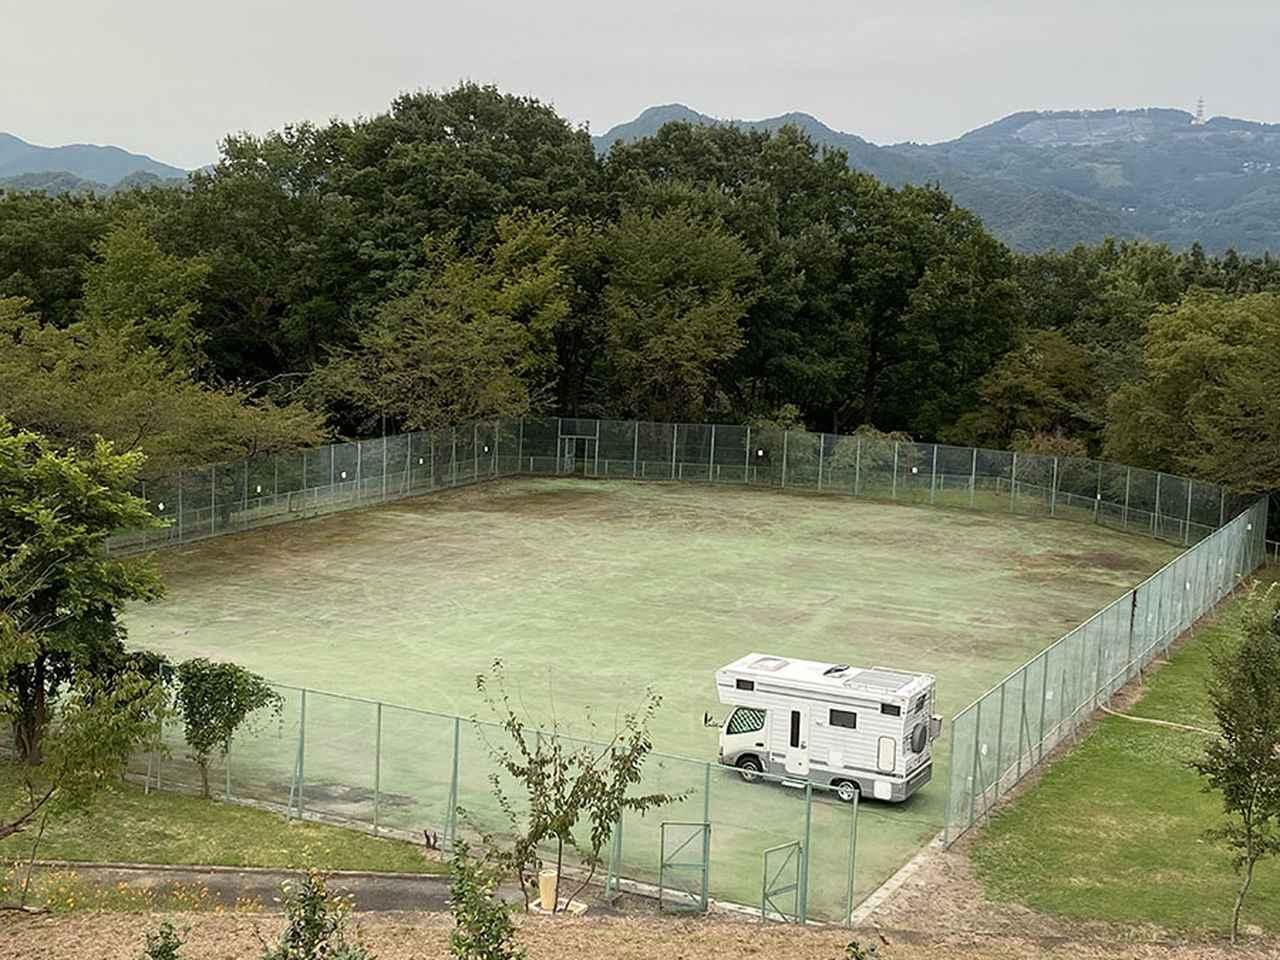 画像2: ④RVパーク ヘリテイジ美の山(埼玉県)